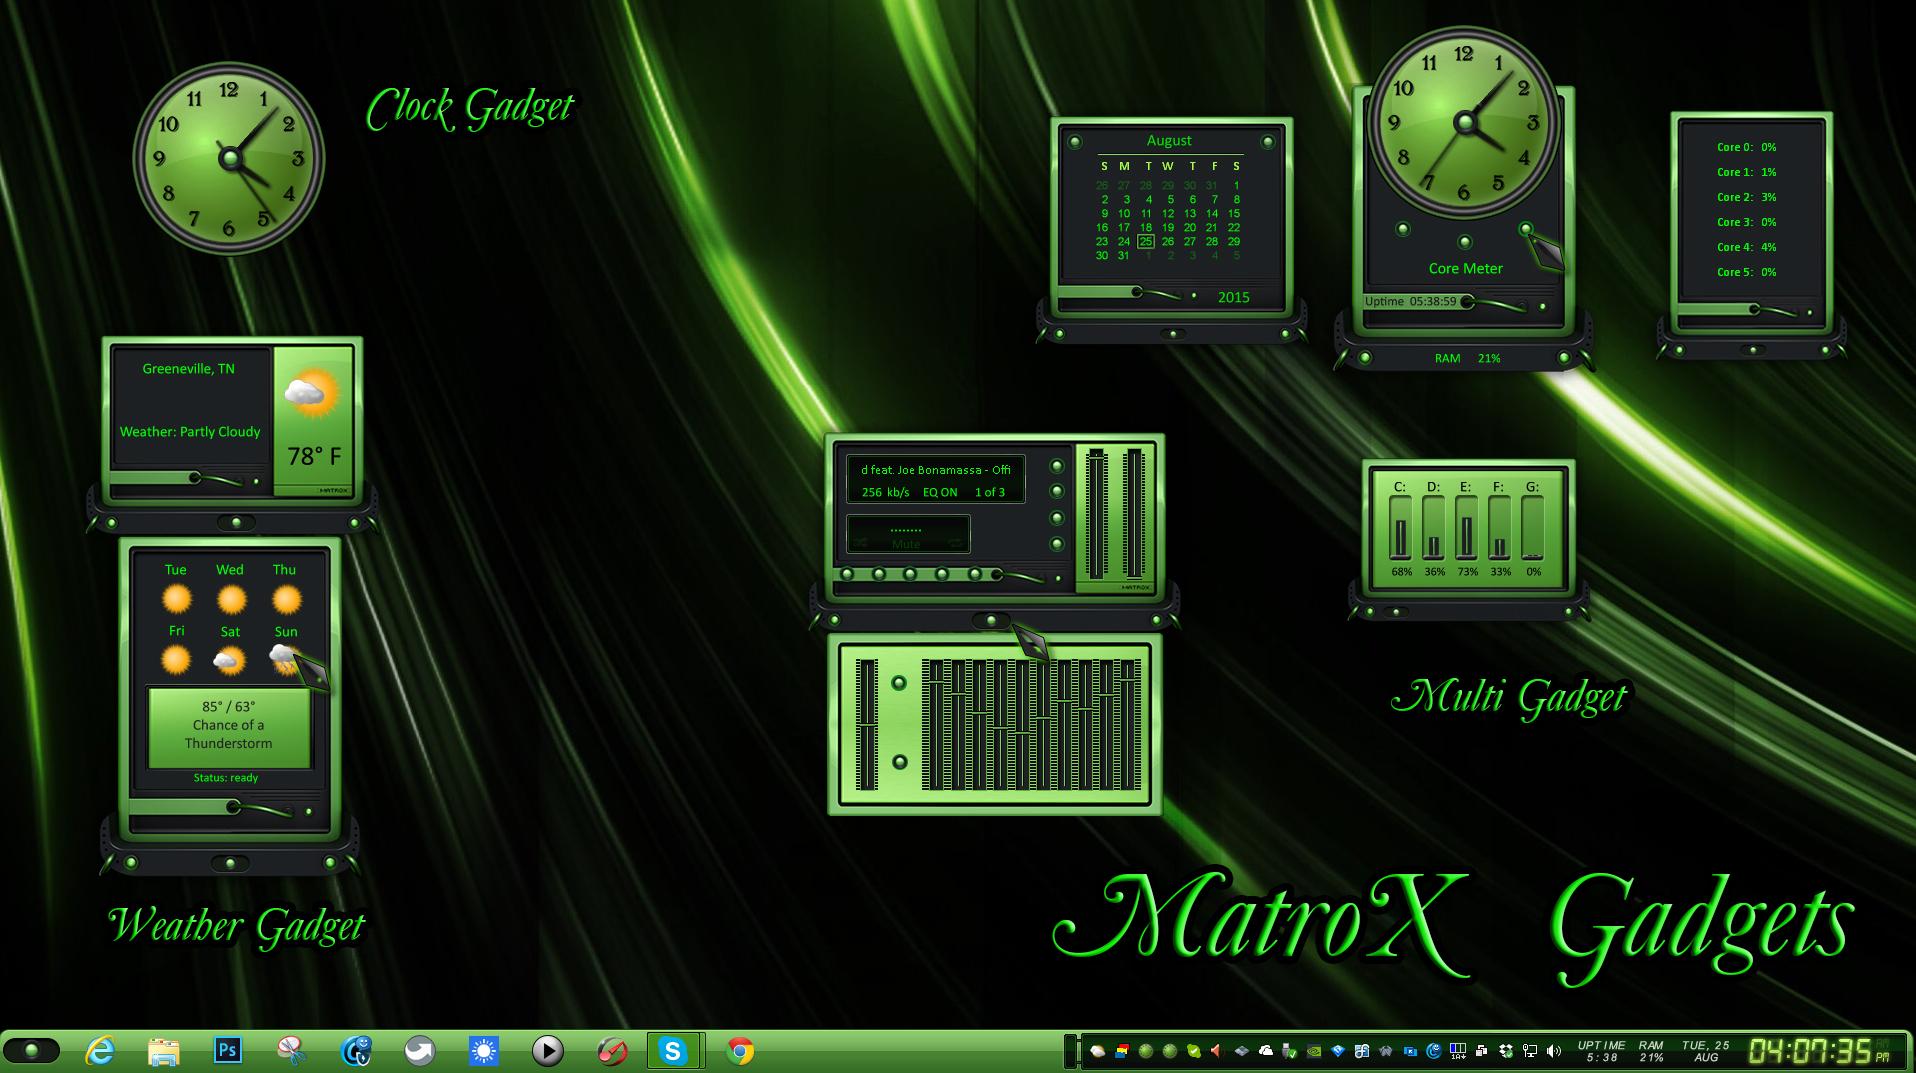 MatroX Gadgets